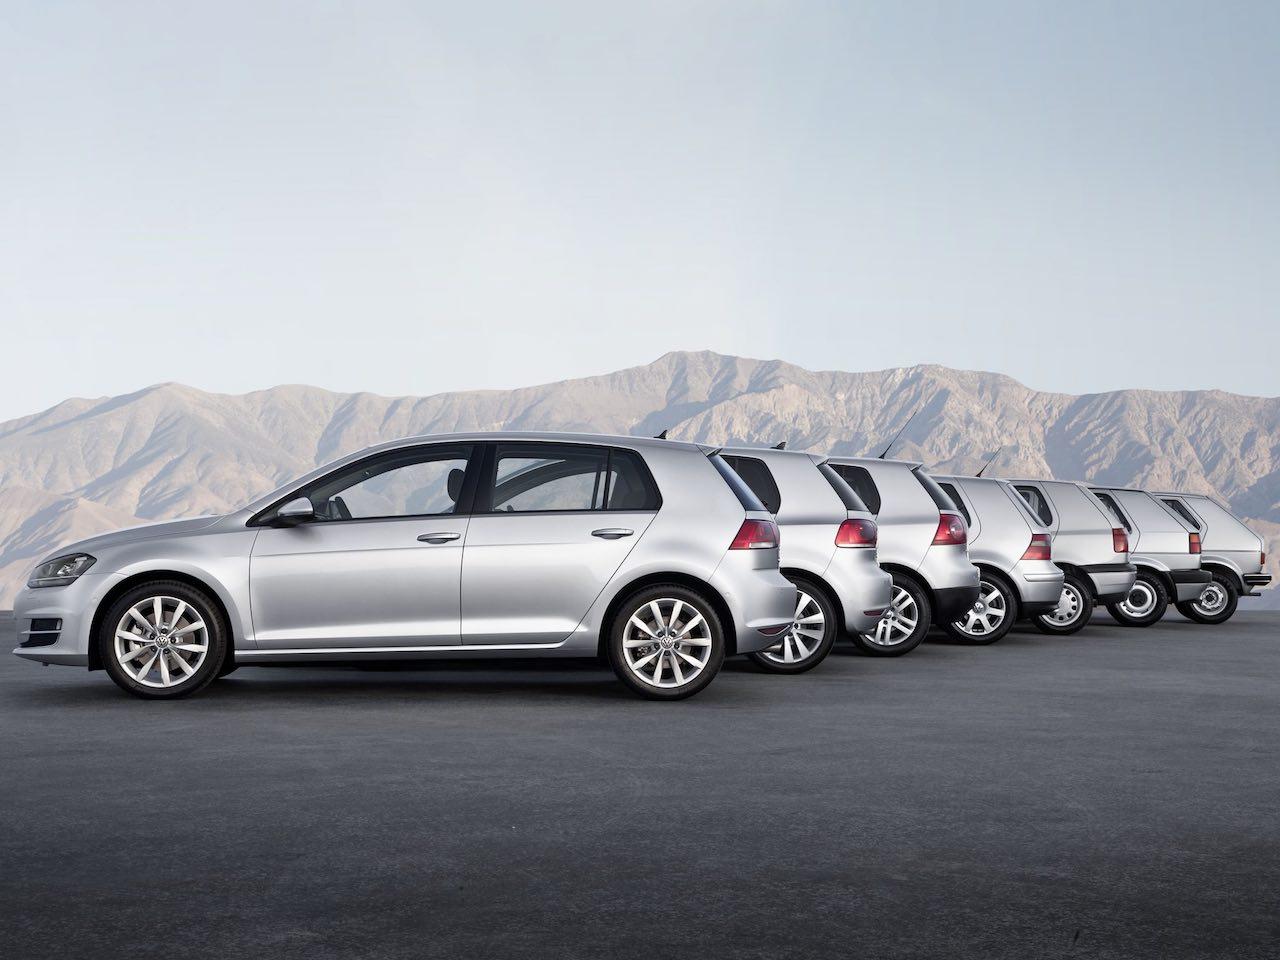 Volkswagen Golf 7 generaciones